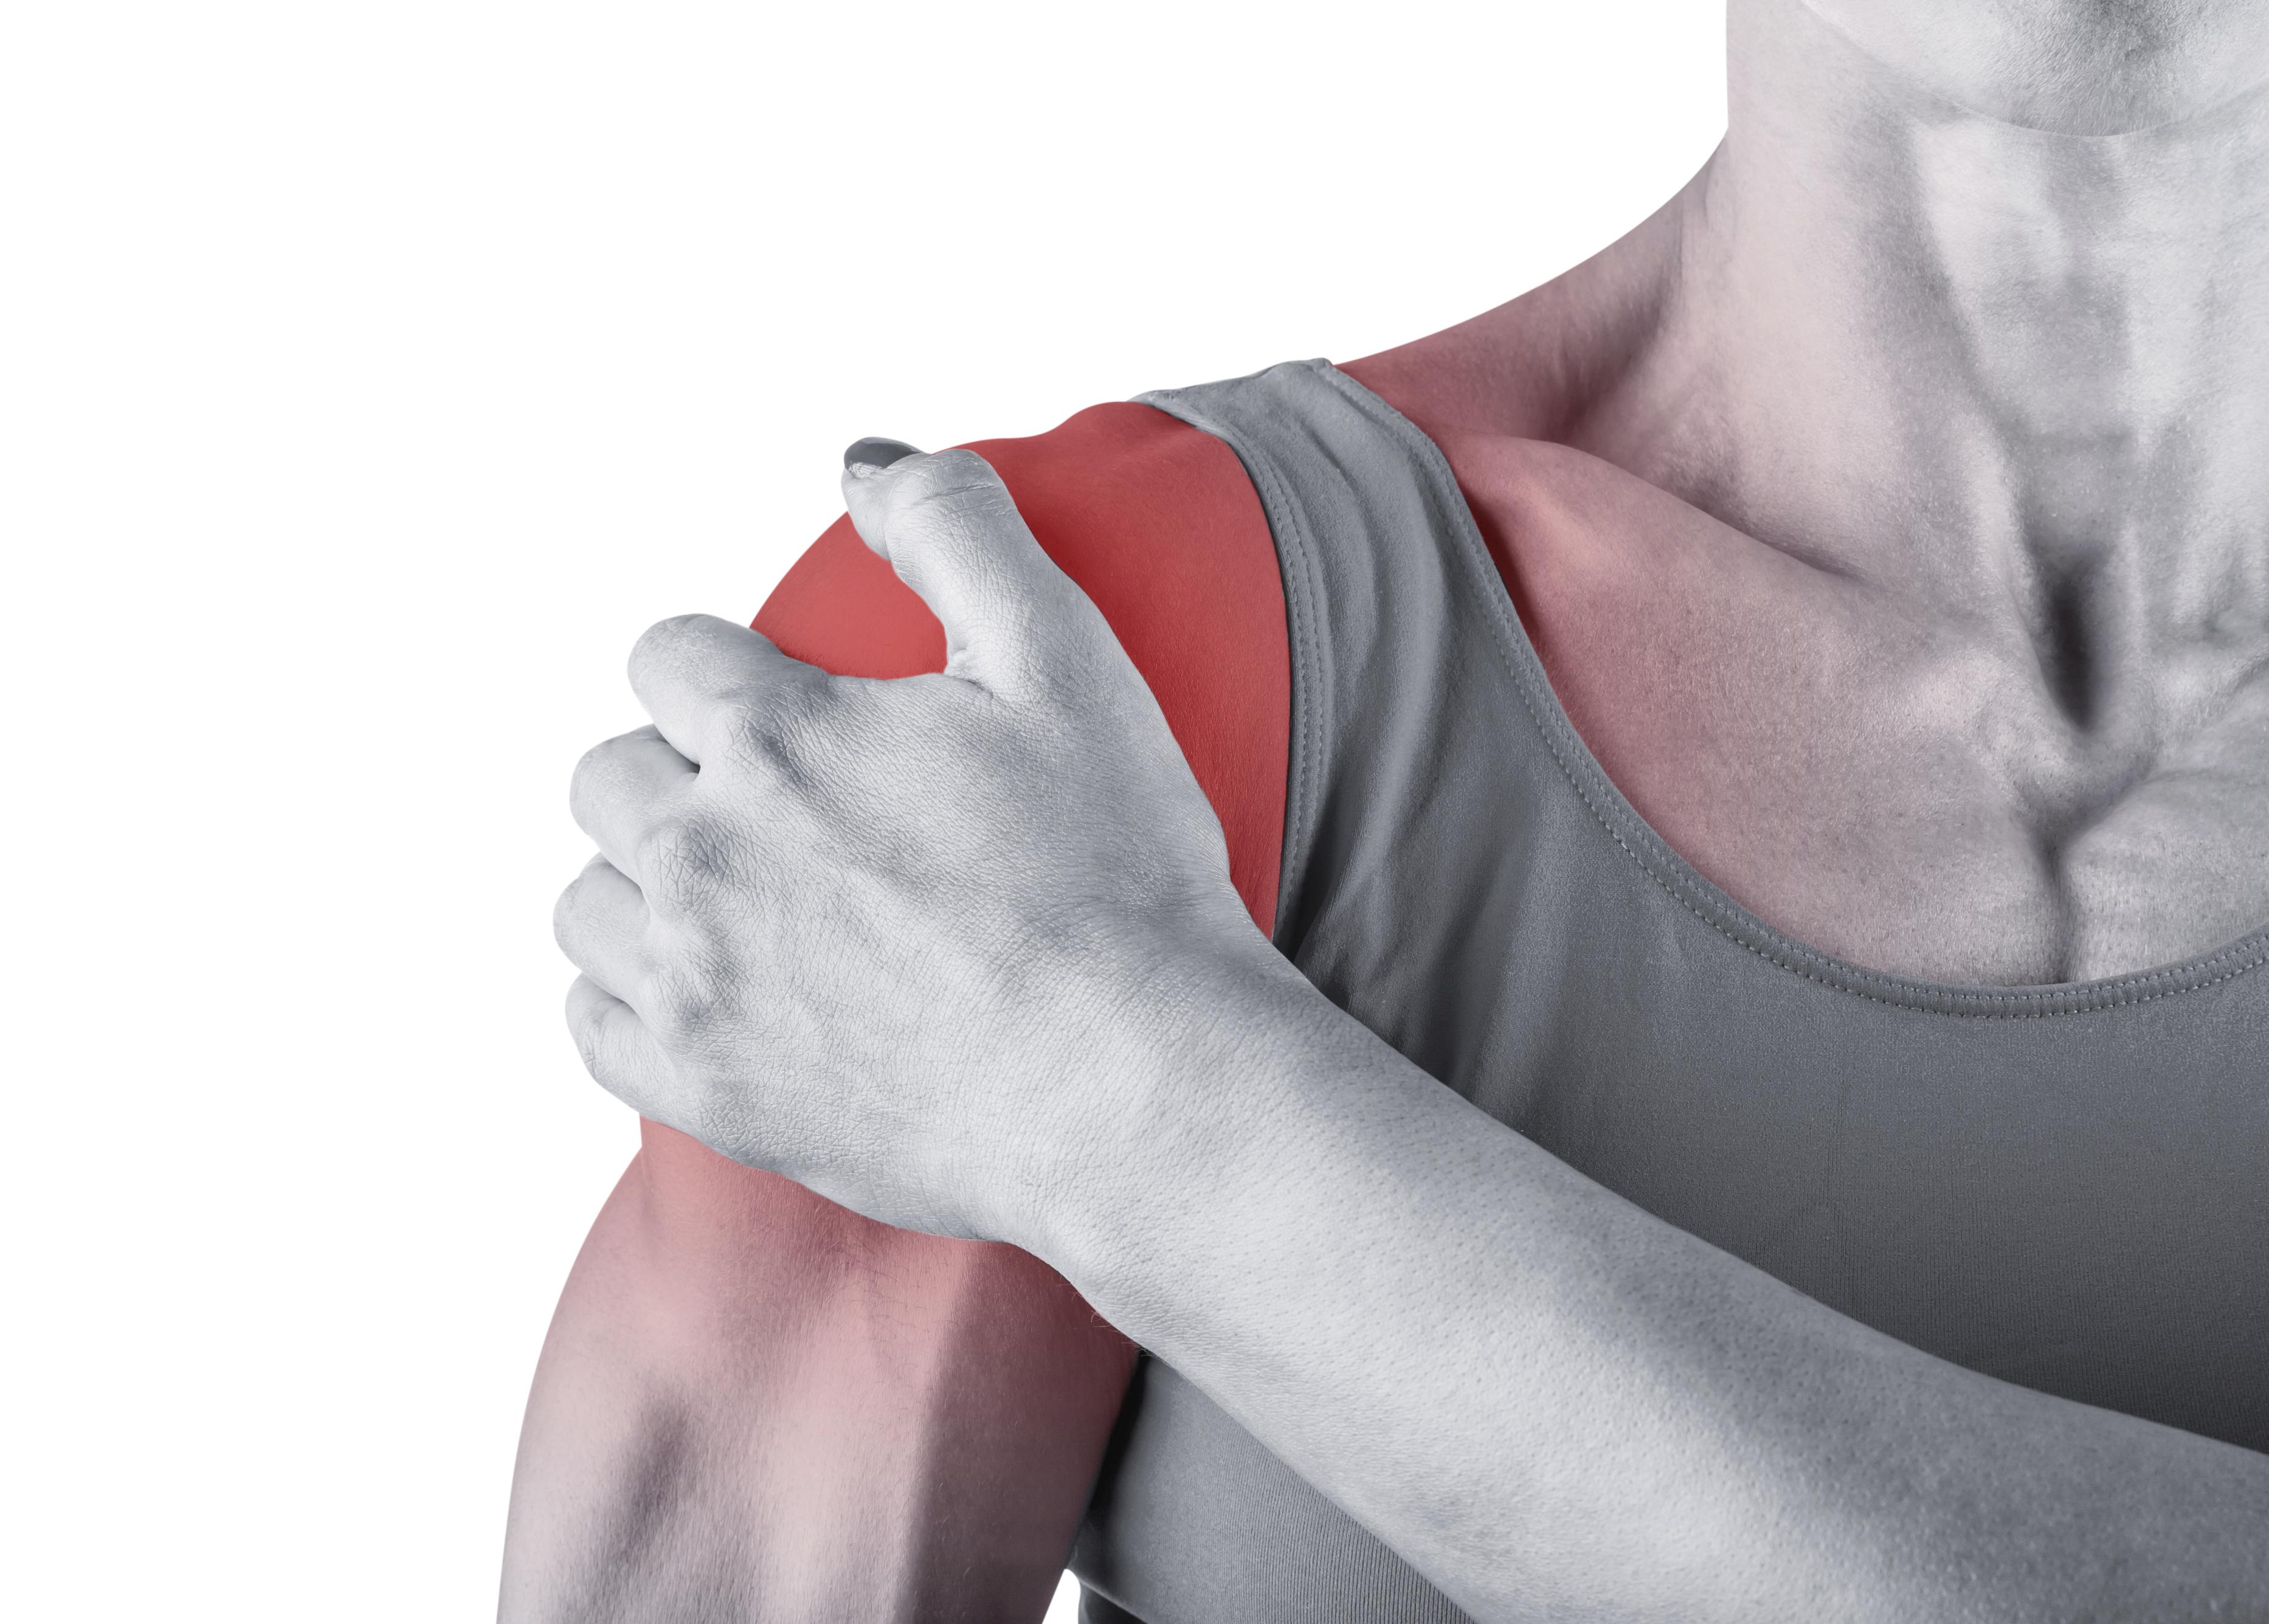 Чем лечить растяжение связок плечевого сустава 16